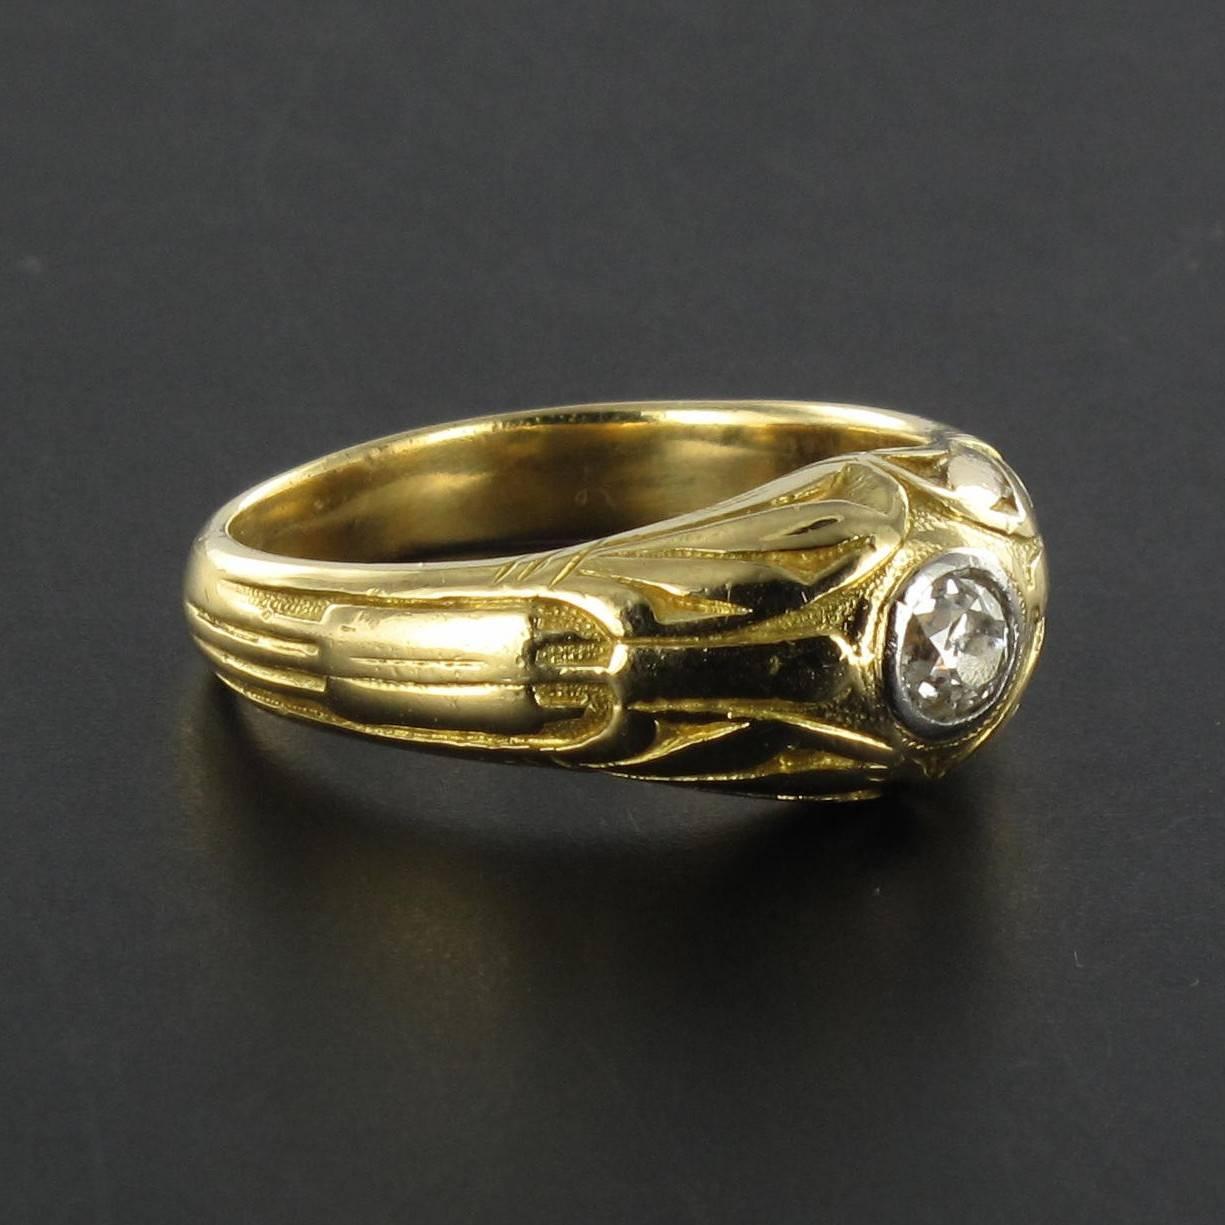 antique engraved men s gold signet ring at 1stdibs